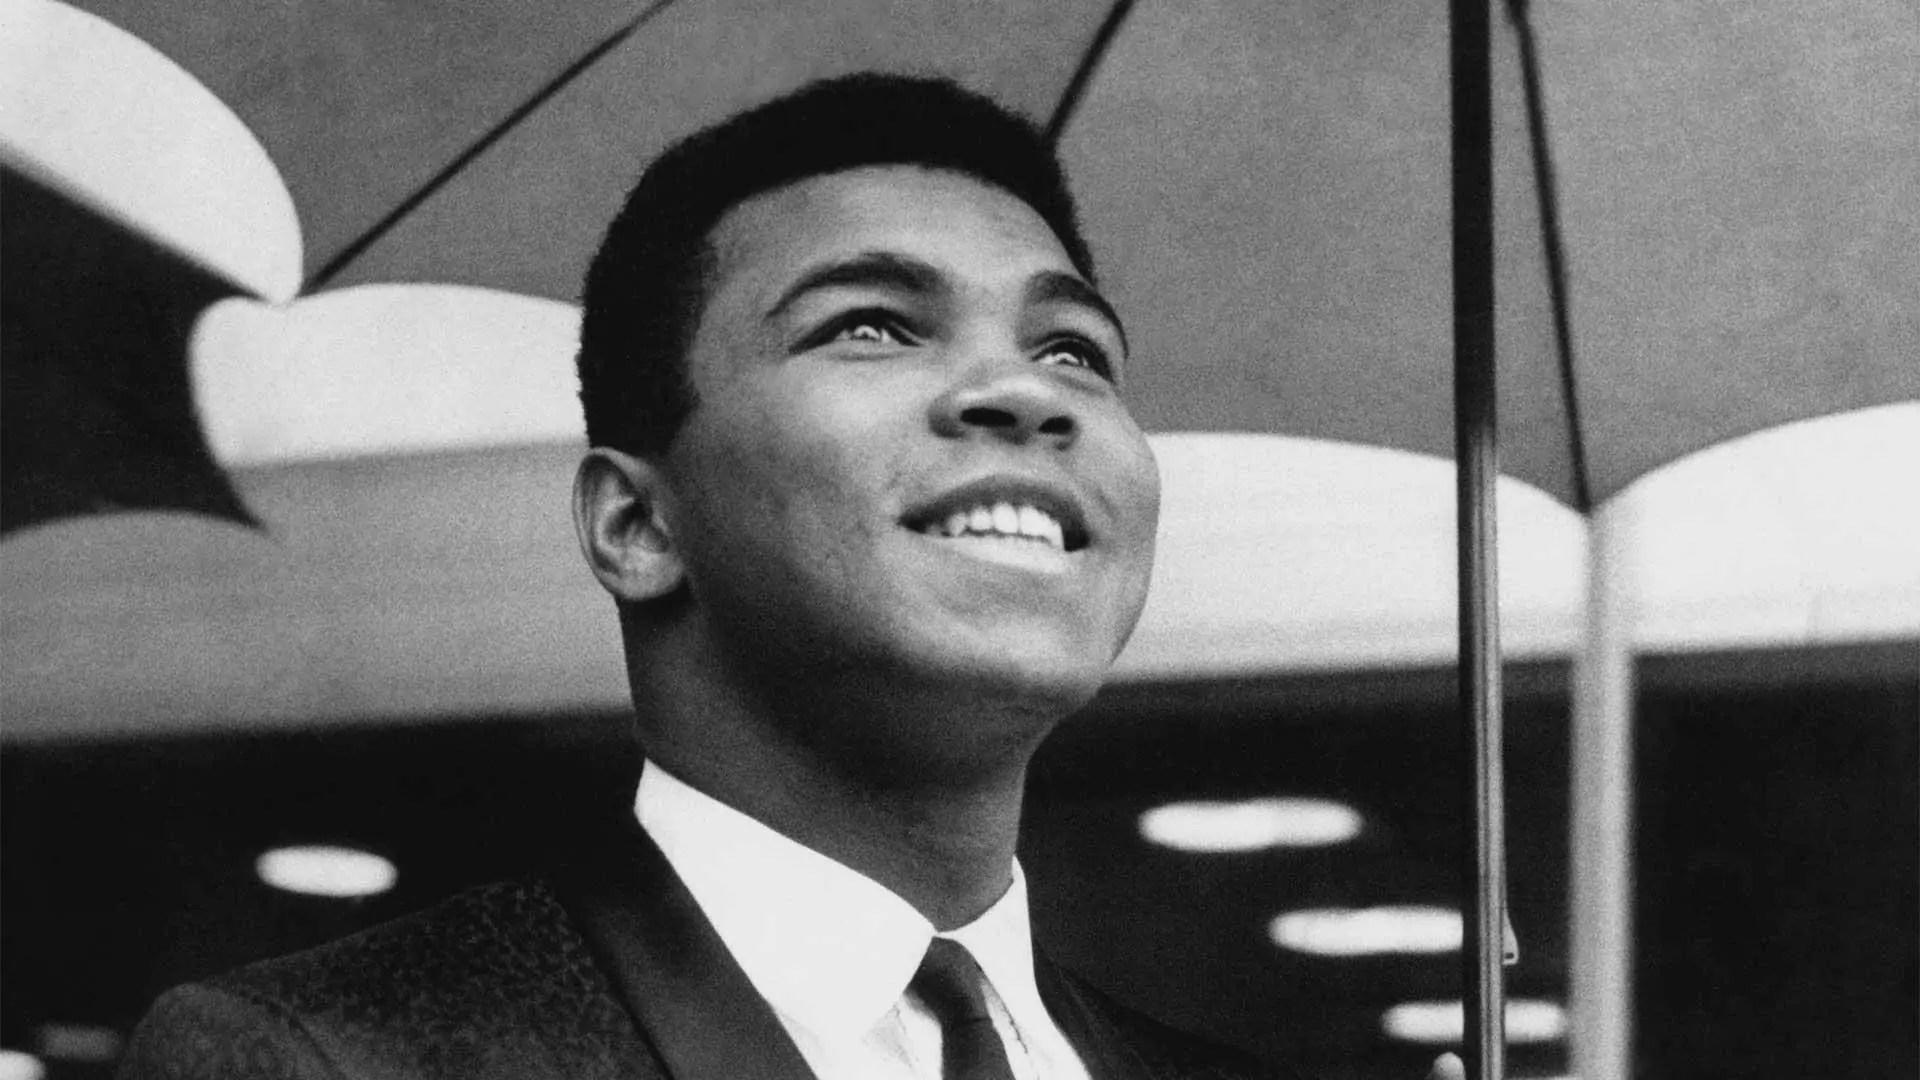 Muhammad Ali Smiling under an umbrella